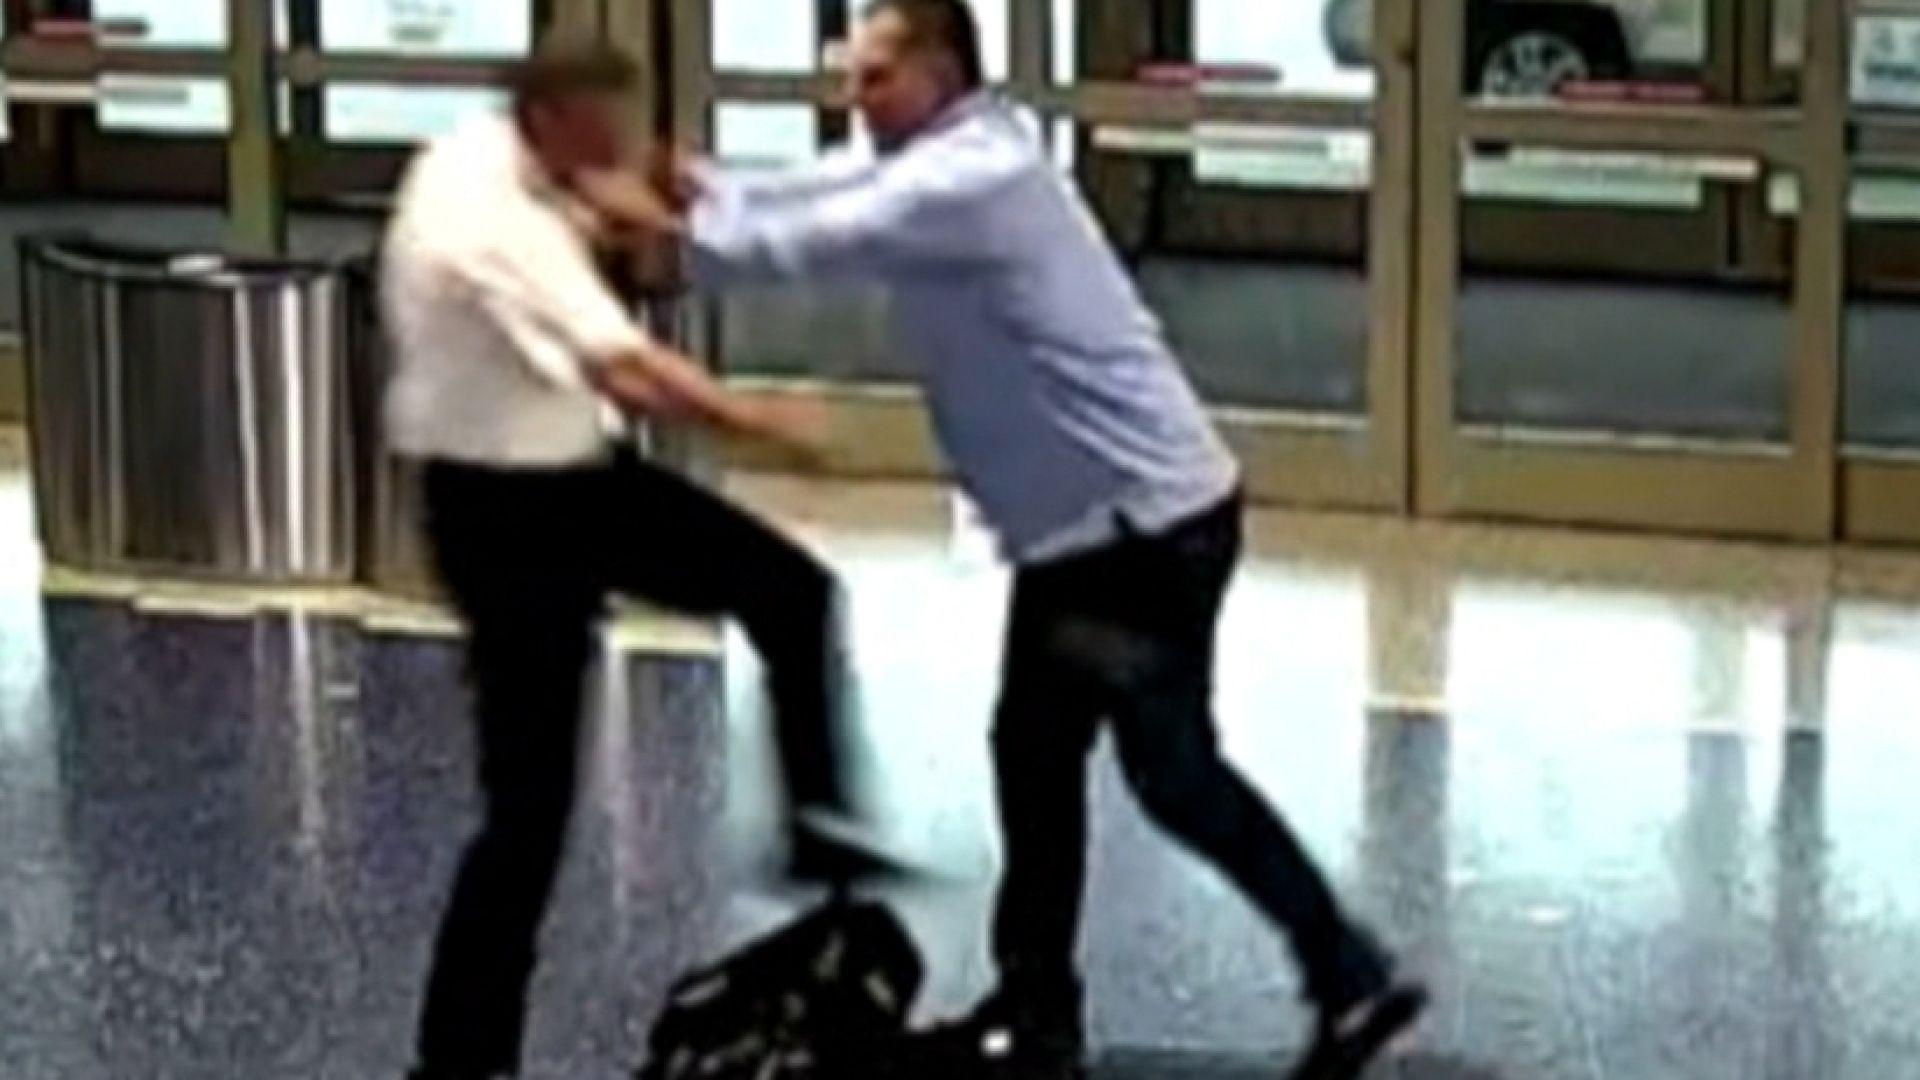 A passenger attacks an airline pilot at Kansas City International Airport.